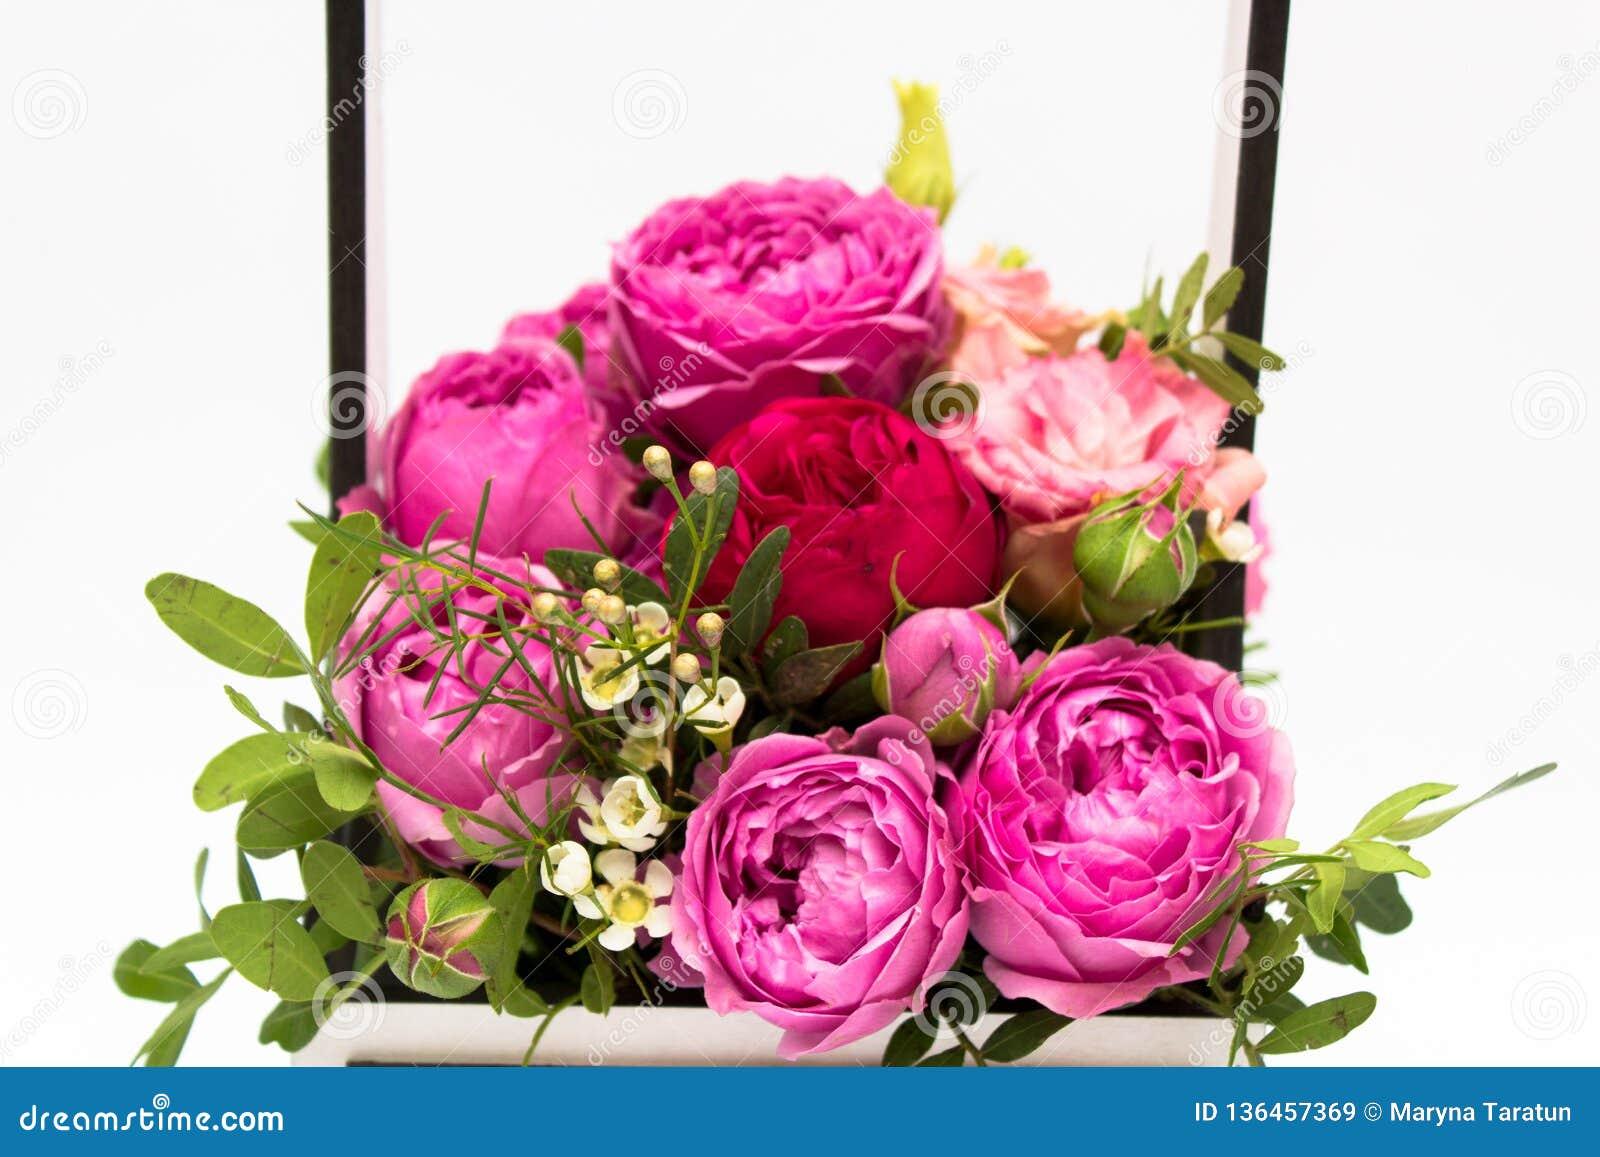 Mazzo Di Fiori 8 Marzo.Mazzo Dei Fiori In Una Scatola Booker Delle Rose Per La Festa